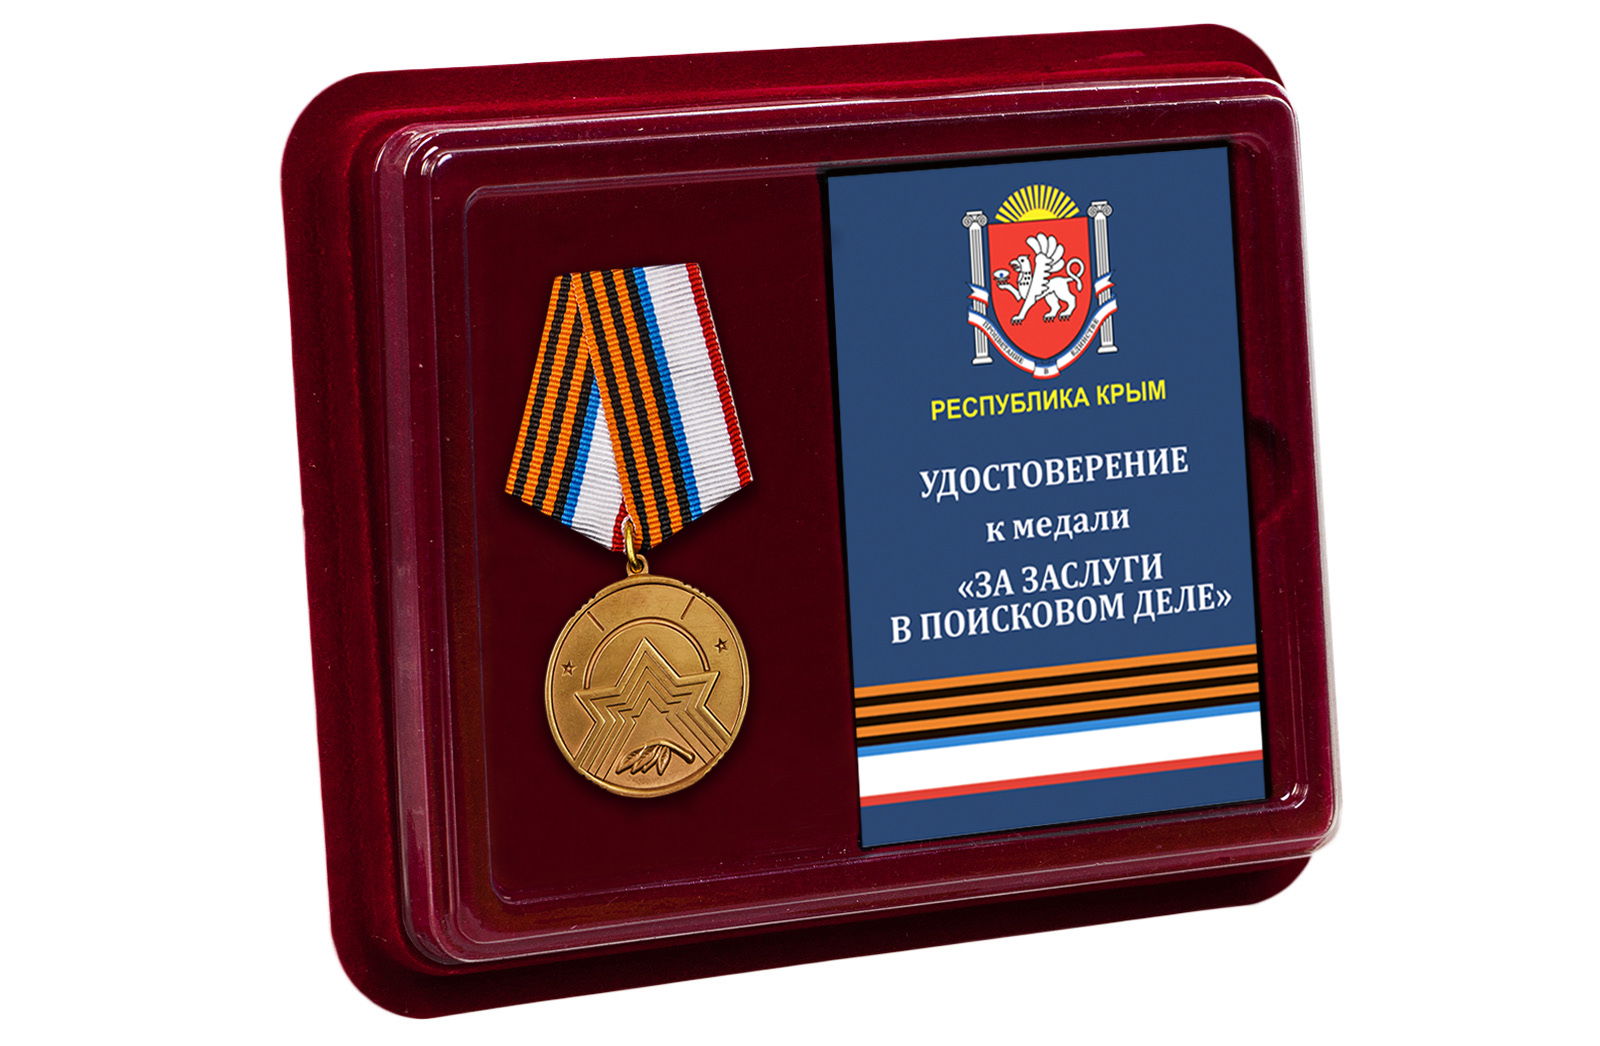 Купить медаль За заслуги в поисковом деле (Республика Крым) выгодно в подарок